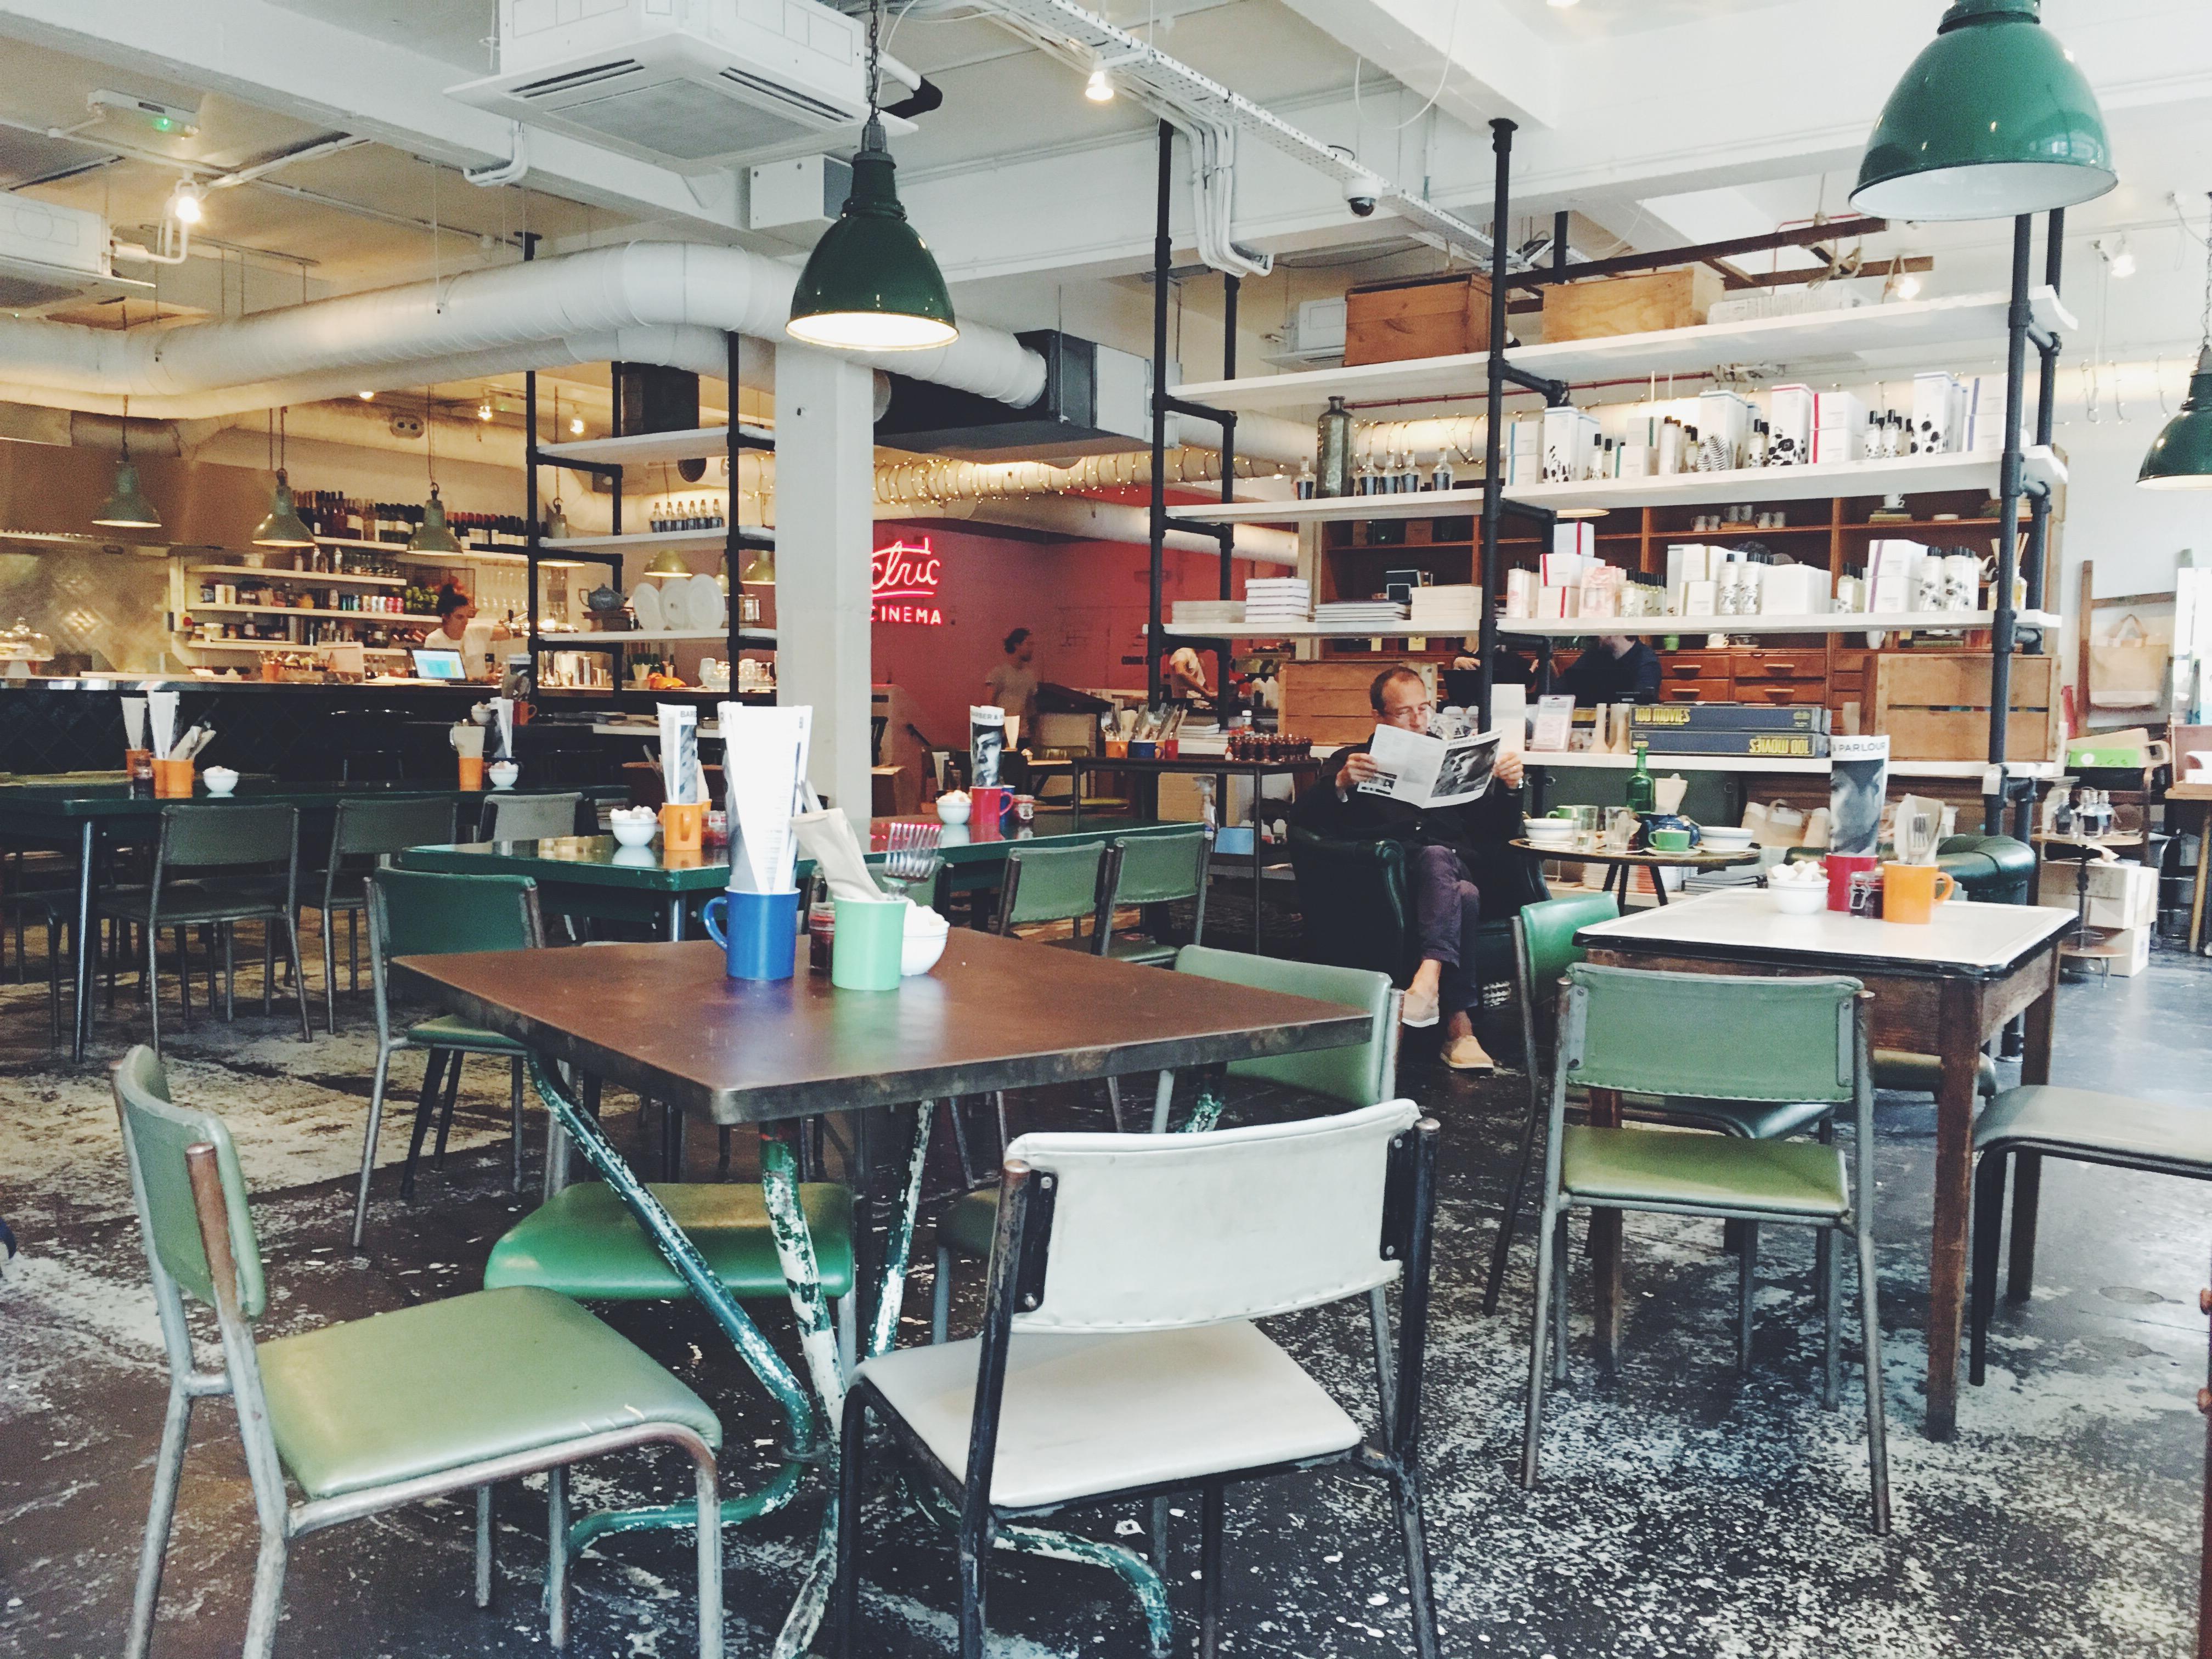 restaurant kamer klas interieur ontwerp stoelen binnenshuis dining planken tafels zetels cafetaria voedselbank